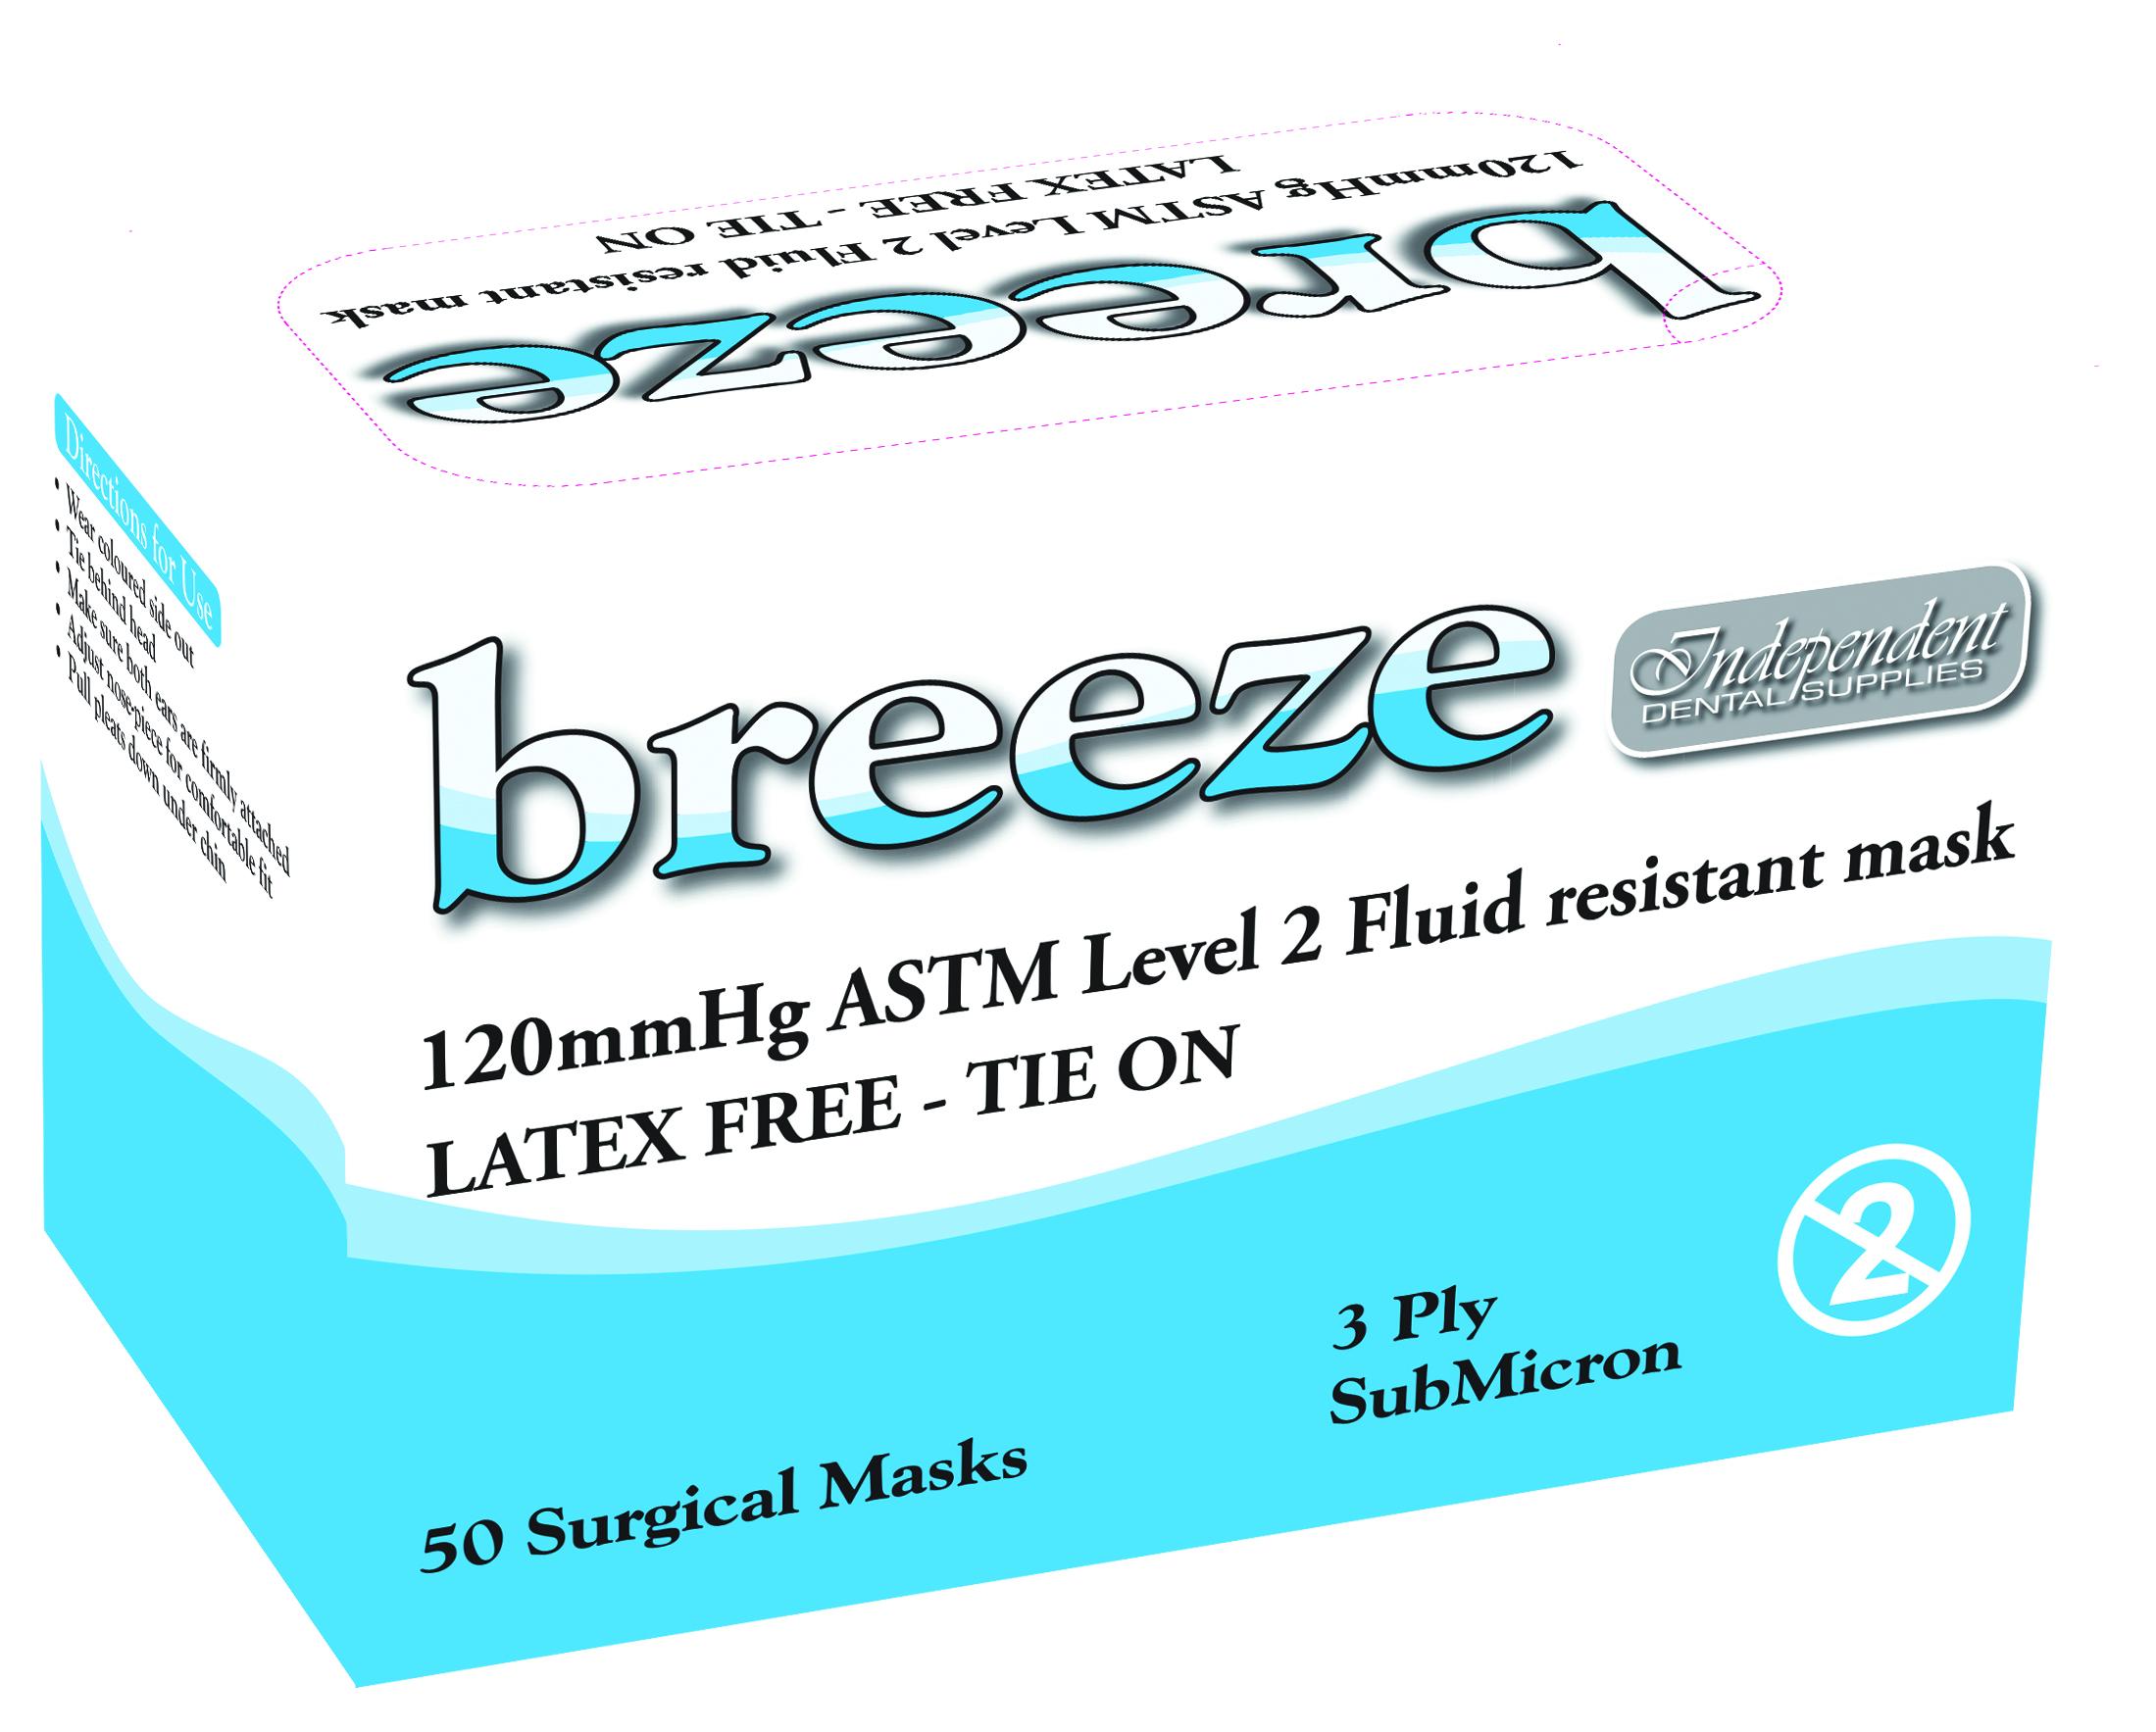 50 Dental Level Breeze Independent 2 Ids Masks Blue Tie-on